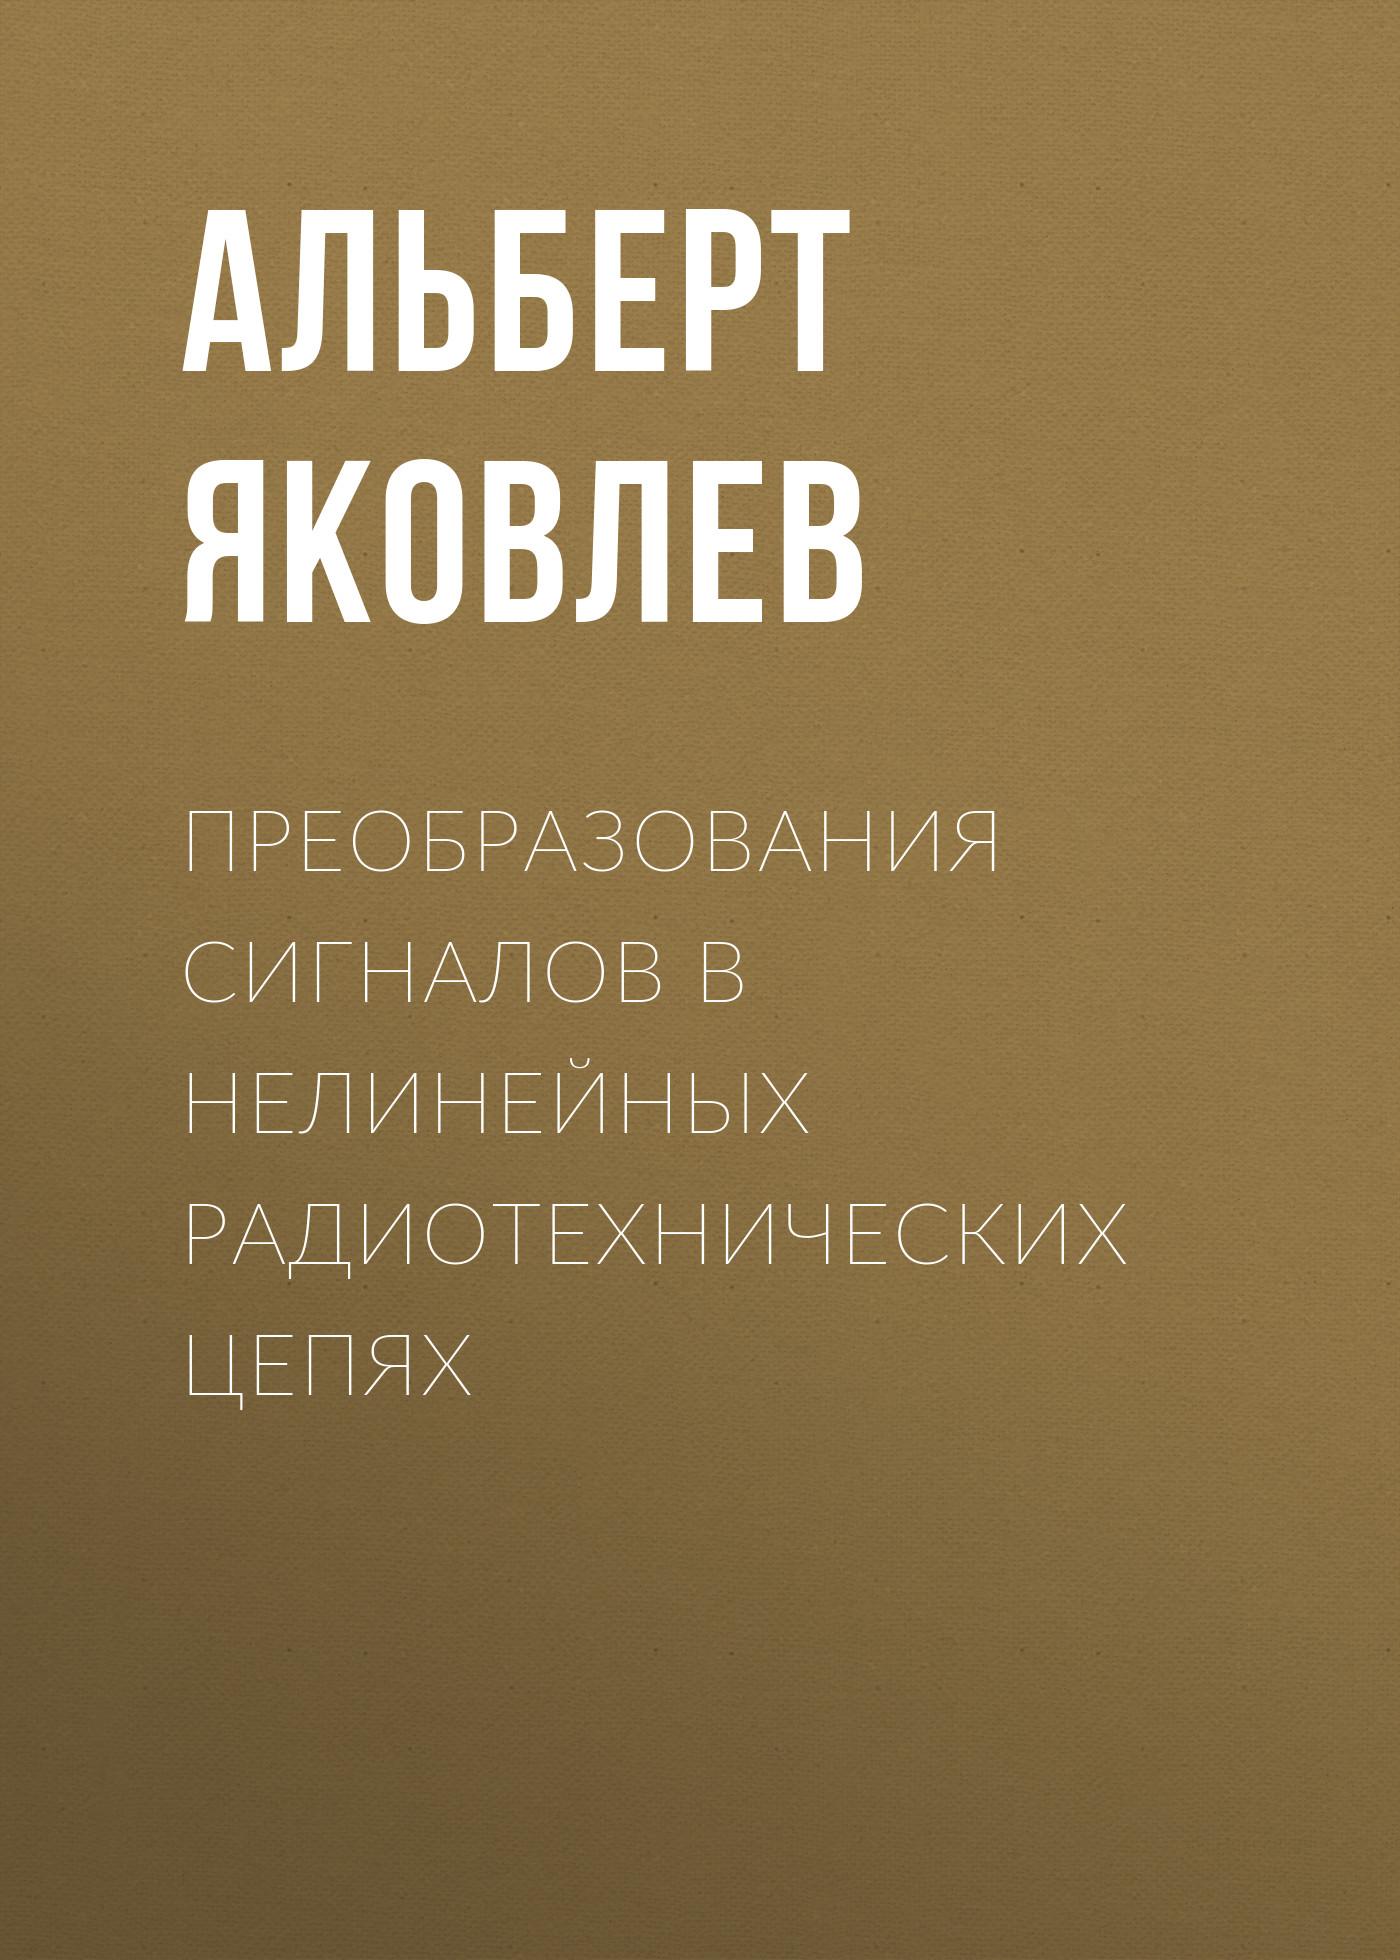 Альберт Яковлев Преобразования сигналов в нелинейных радиотехнических цепях и с гоноровский радиотехнические цепи и сигналы комплект из 2 книг